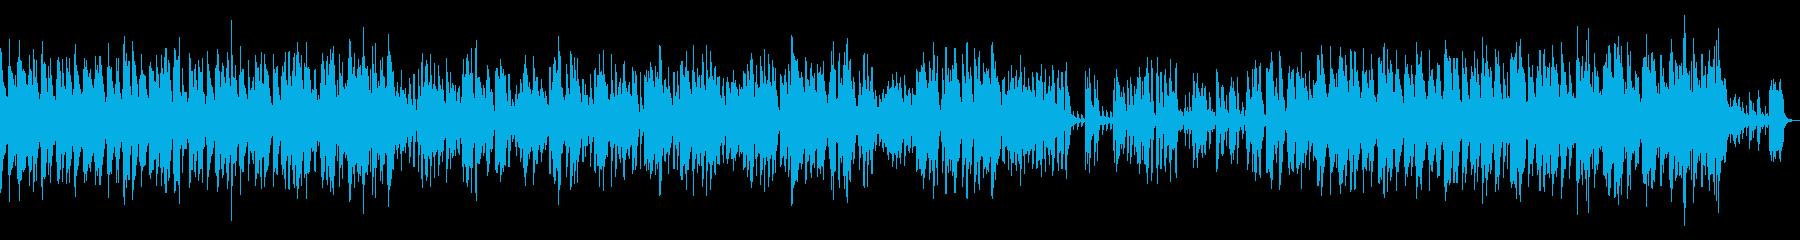 クールでゆったりしたジャズトラックの再生済みの波形